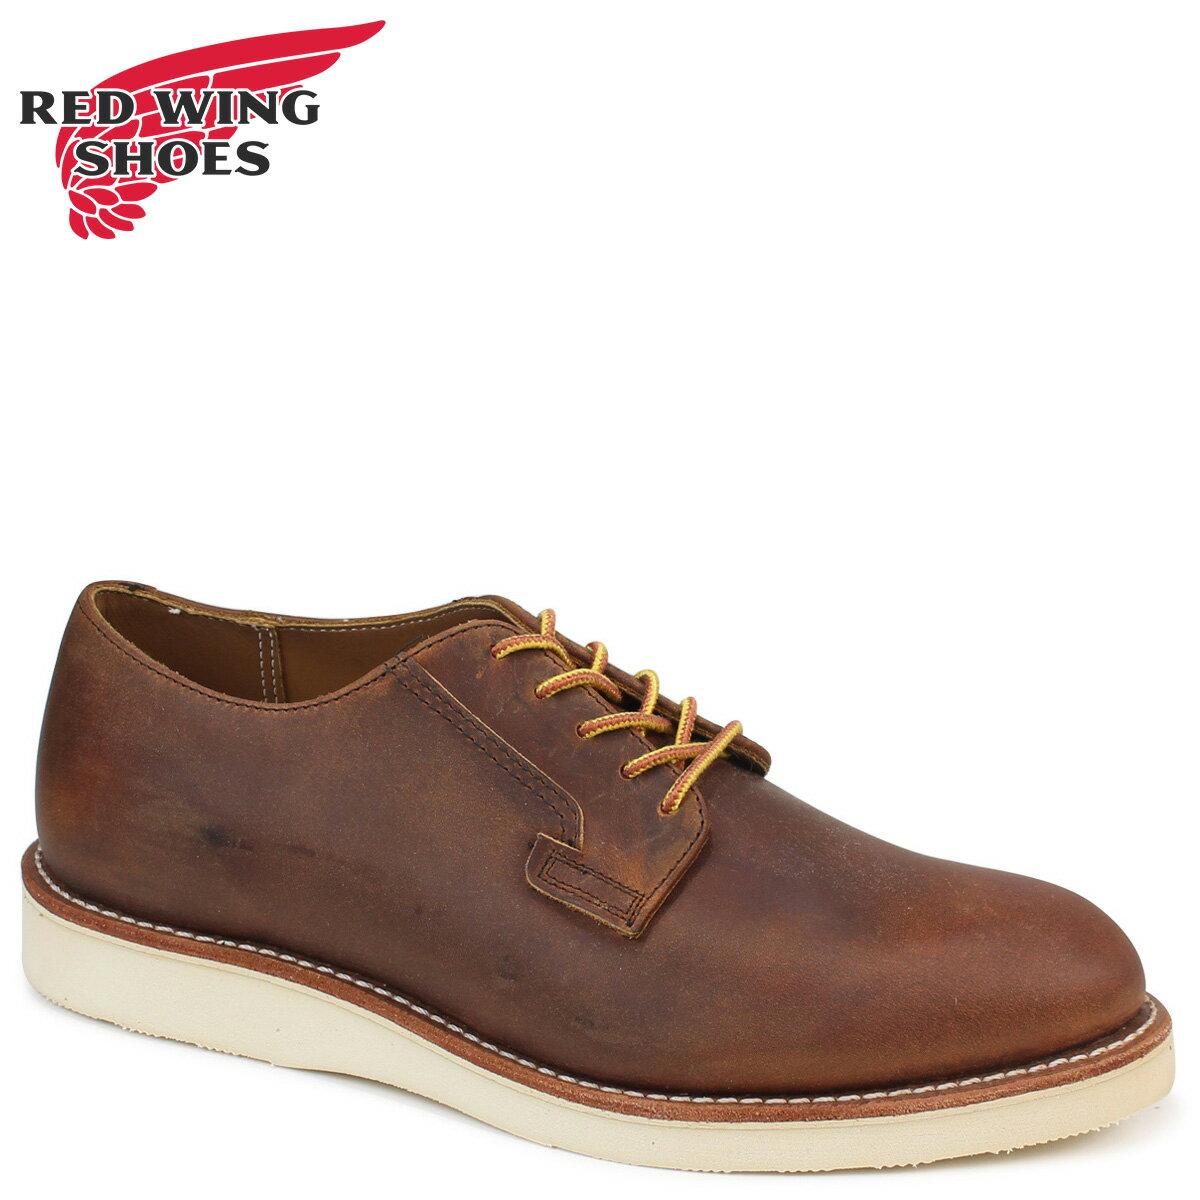 レッドウィング ポストマン ブーツ オックスフォード RED WING 3107 POSTMAN OXFORD Dワイズ メンズ